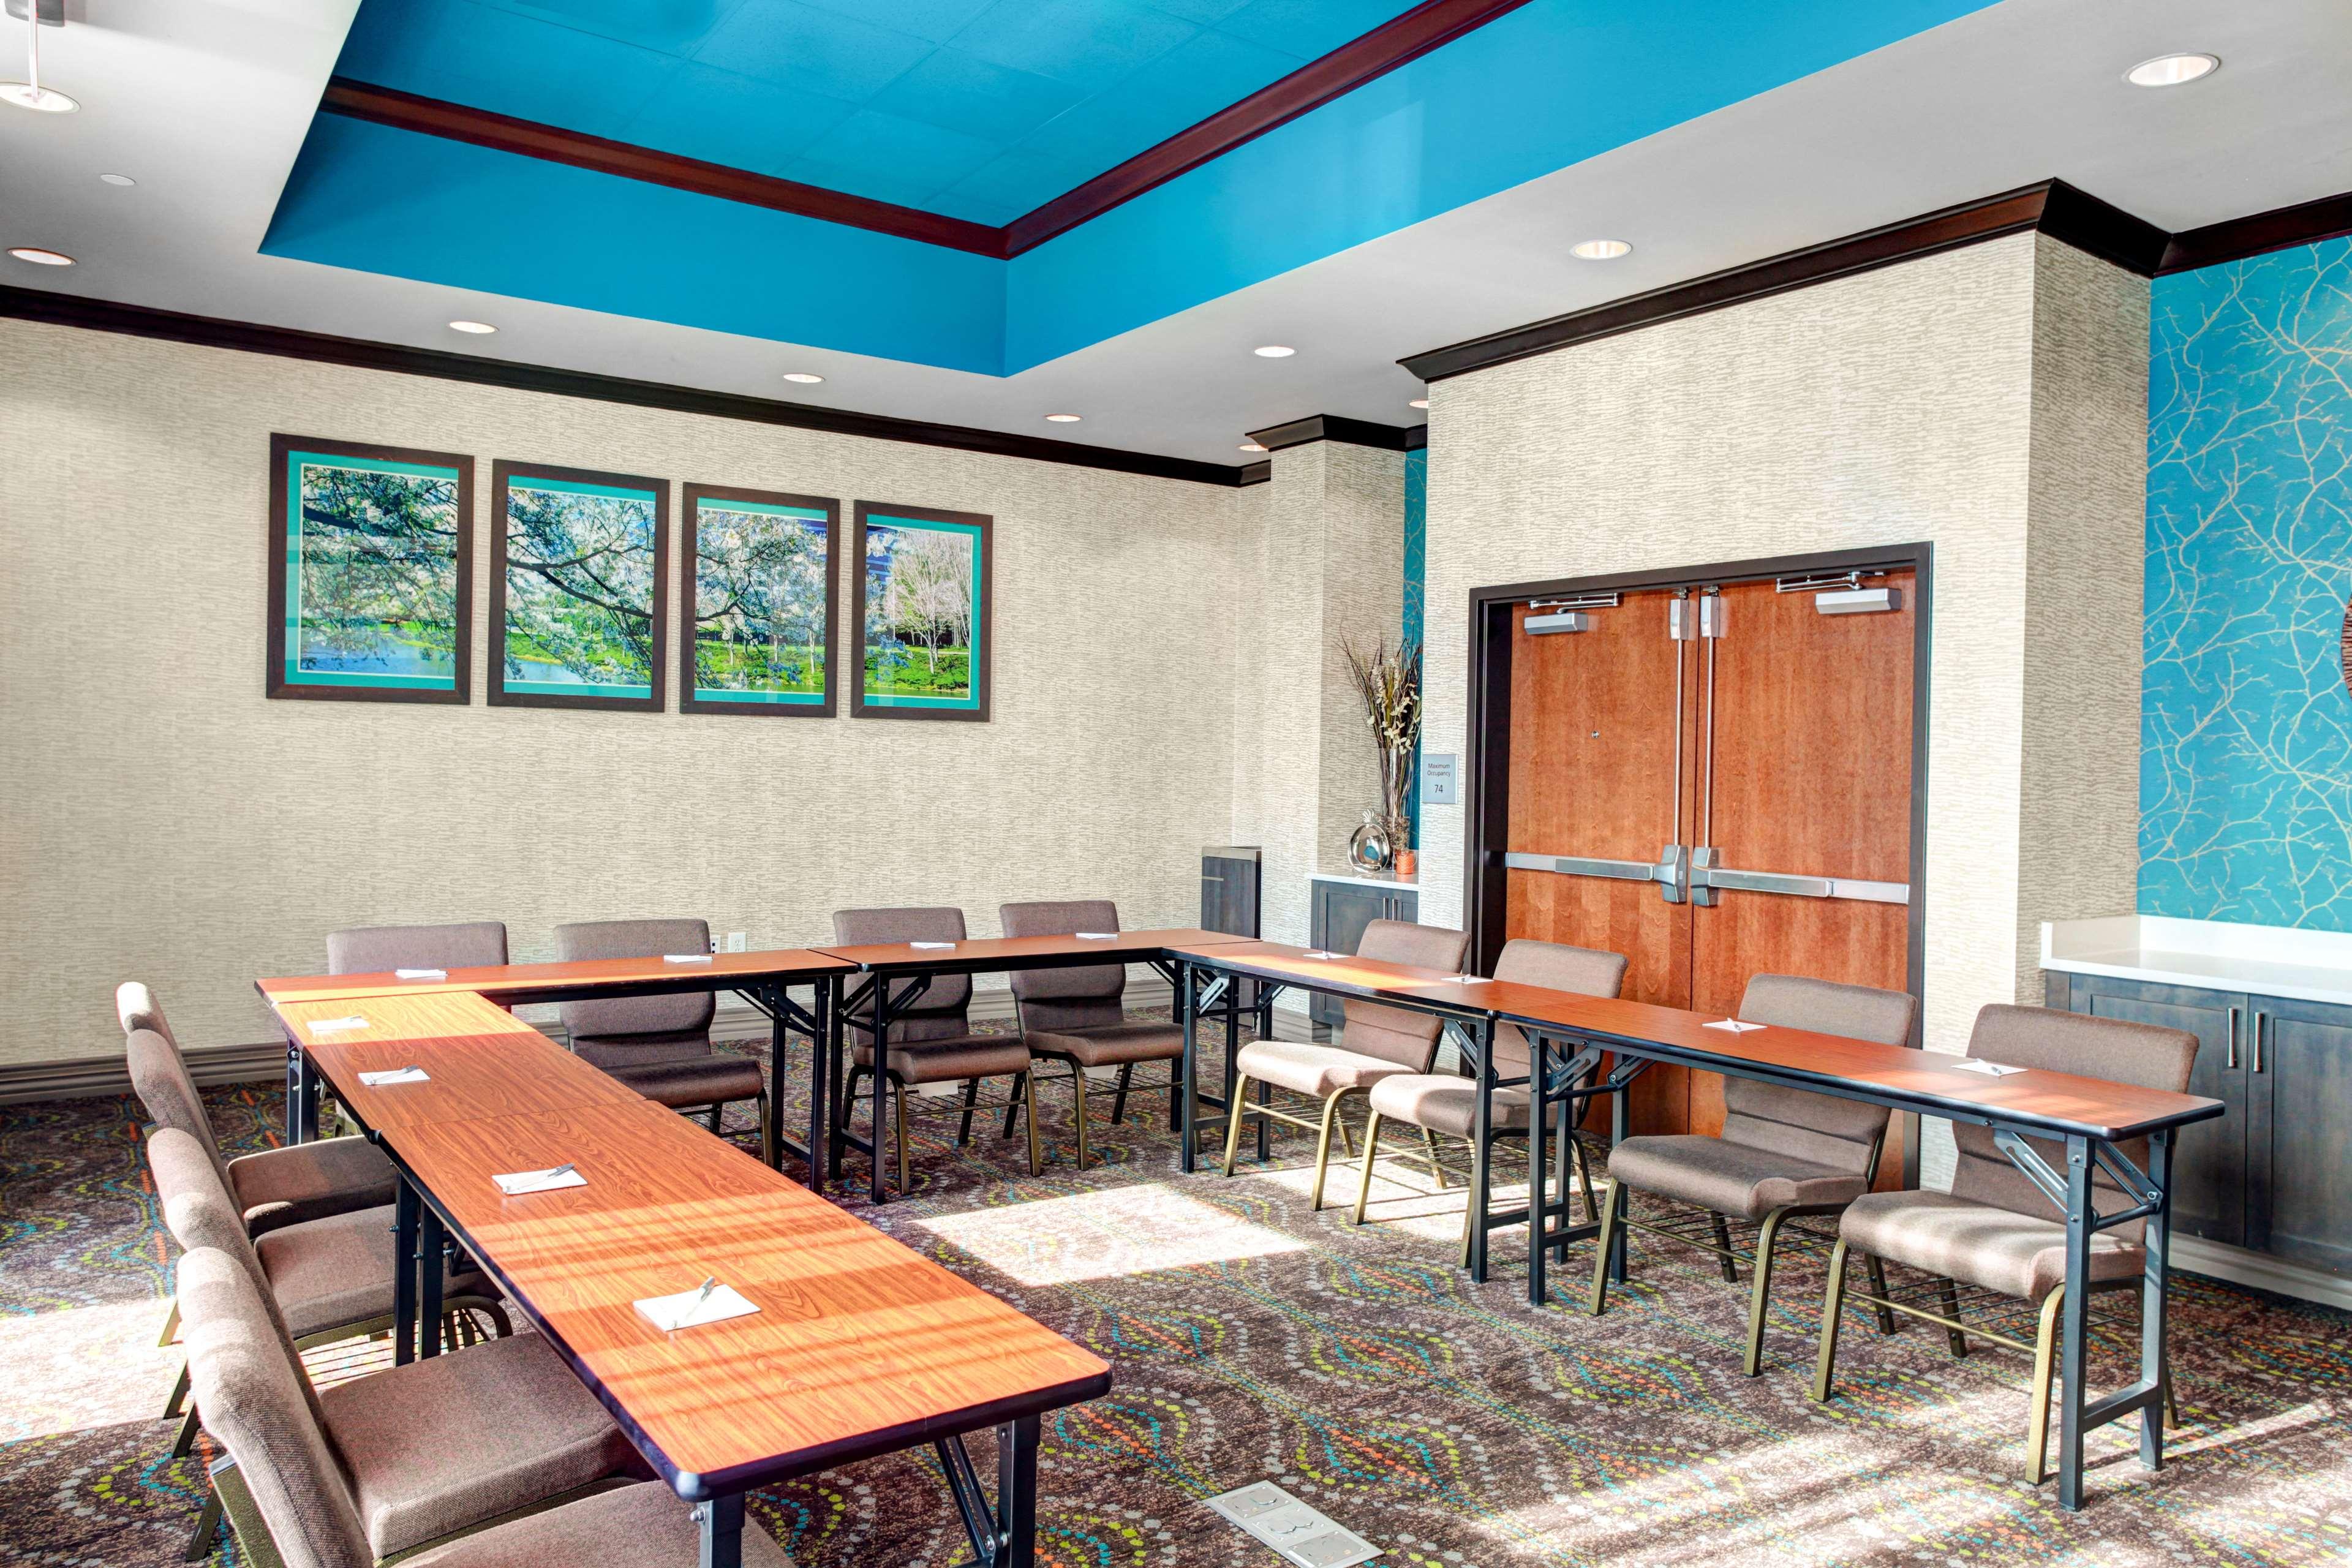 Hampton Inn & Suites by Hilton Atlanta Perimeter Dunwoody image 32